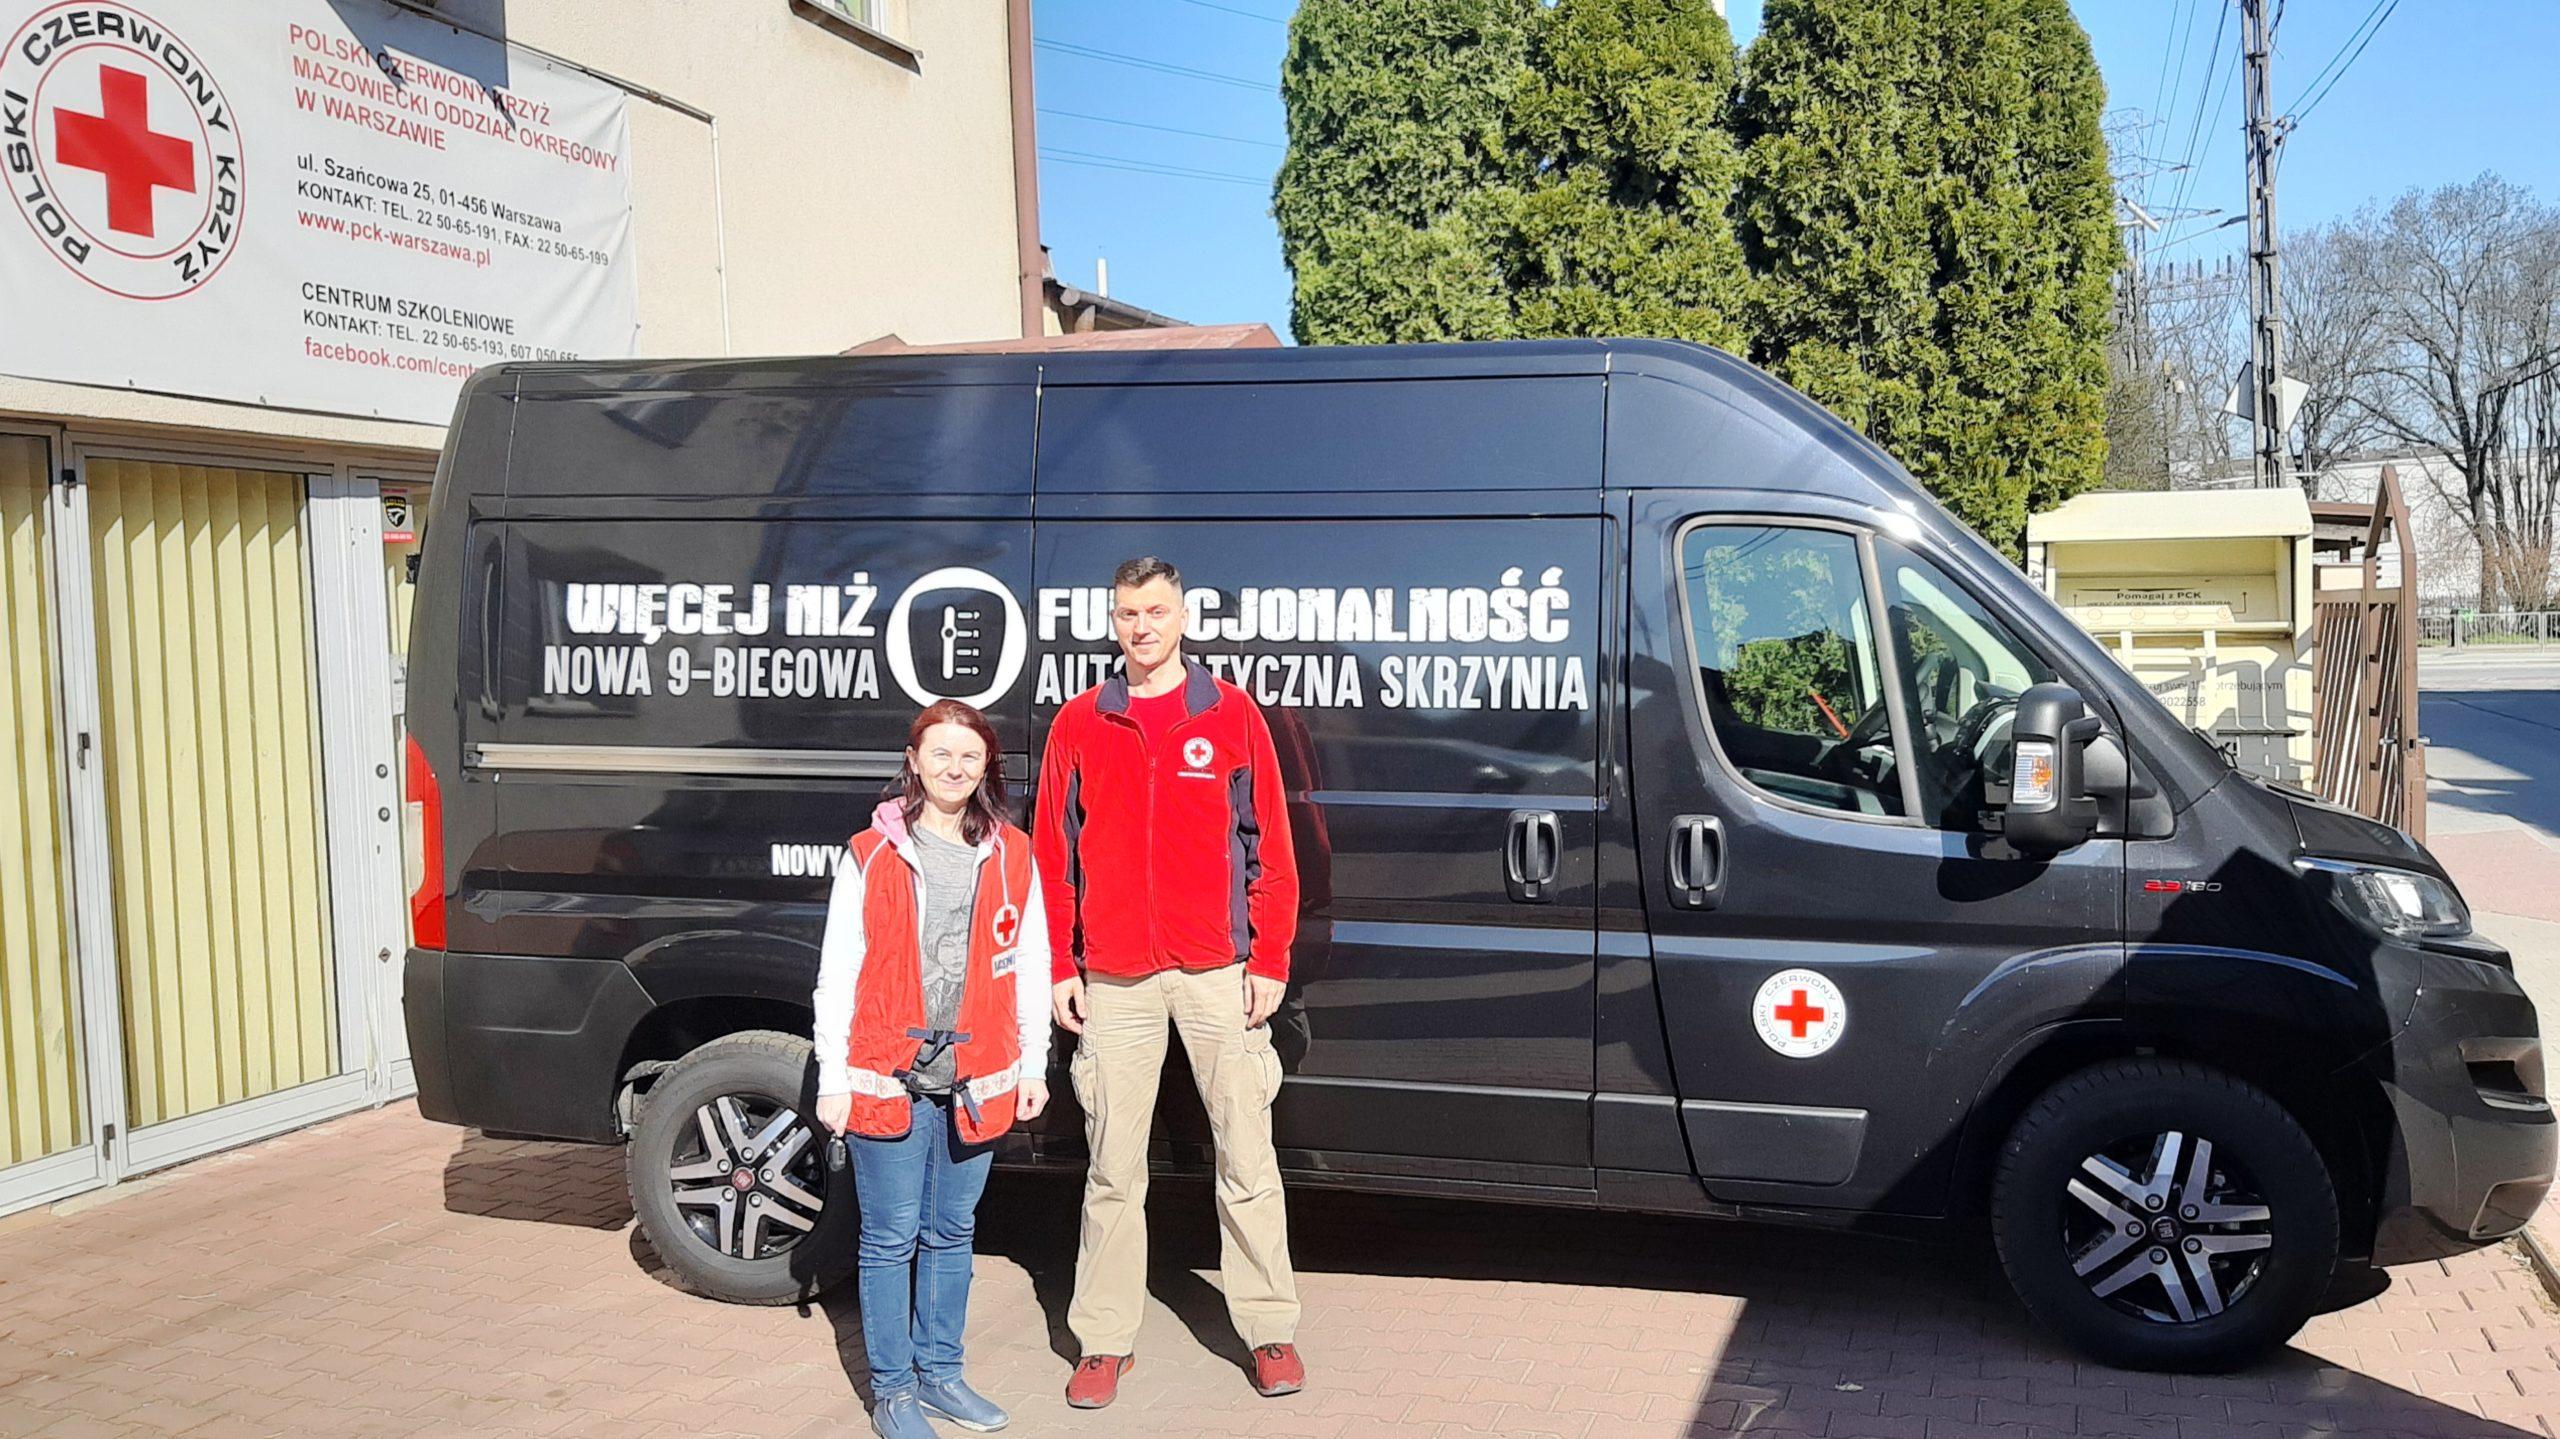 Fiat Ducato - wsparcie w działaniach pomocowych w czasie epidemii